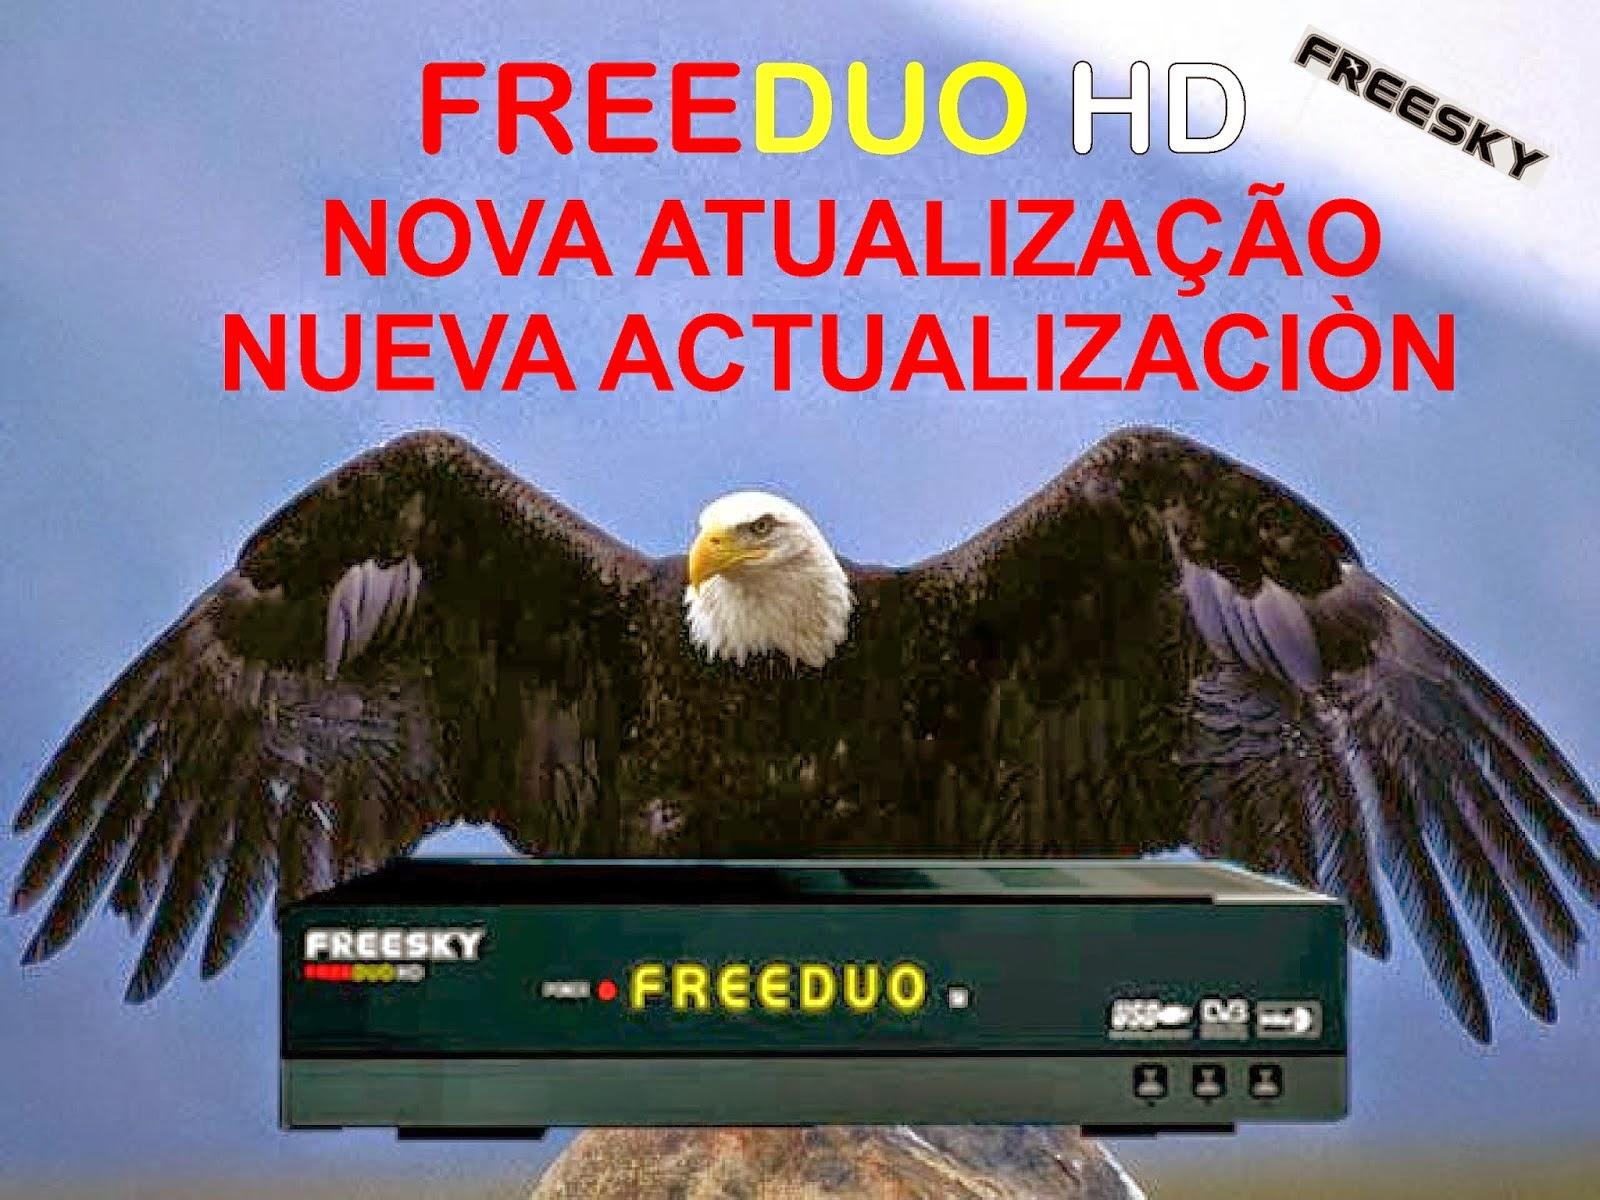 ATUALIZAÇÃO FREESKY FREEDUO HD - V 1.97 - 01/03/2015